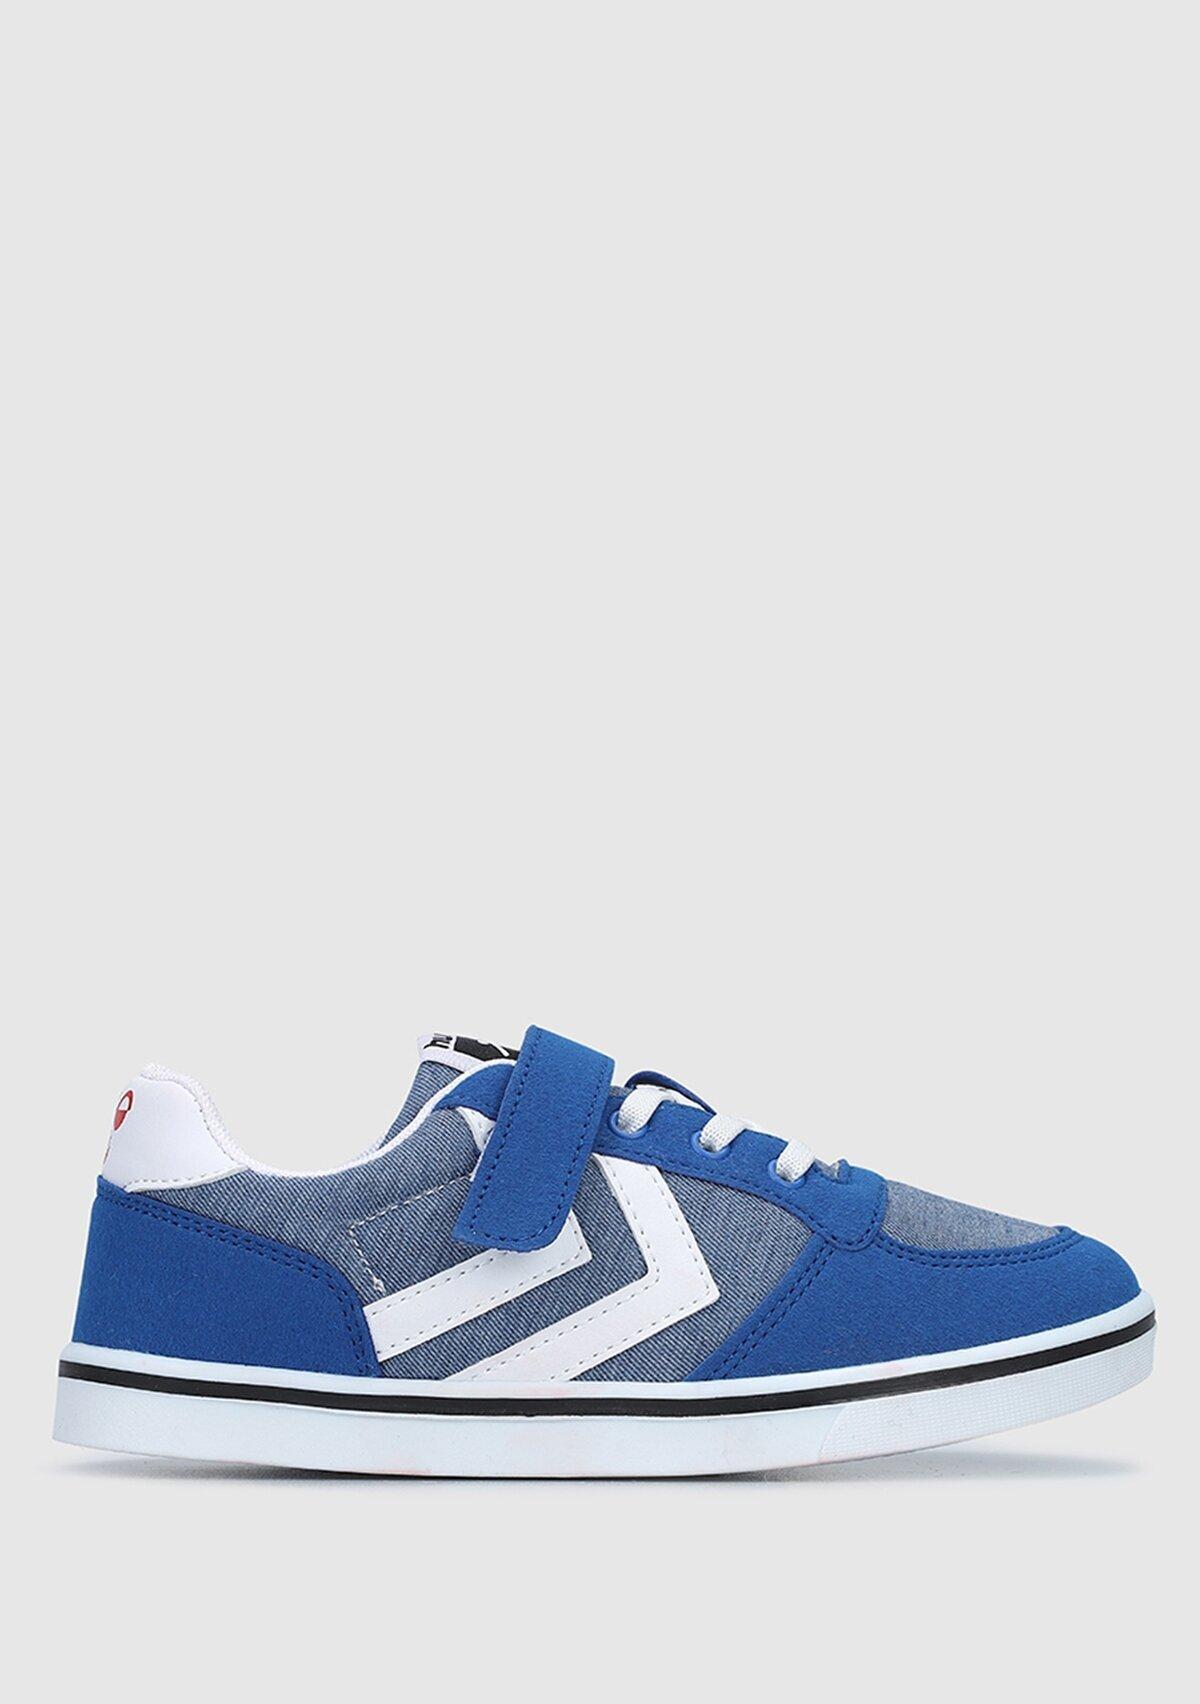 resm Hml Stadil Print Jr Mavi Sneaker 212702-7986